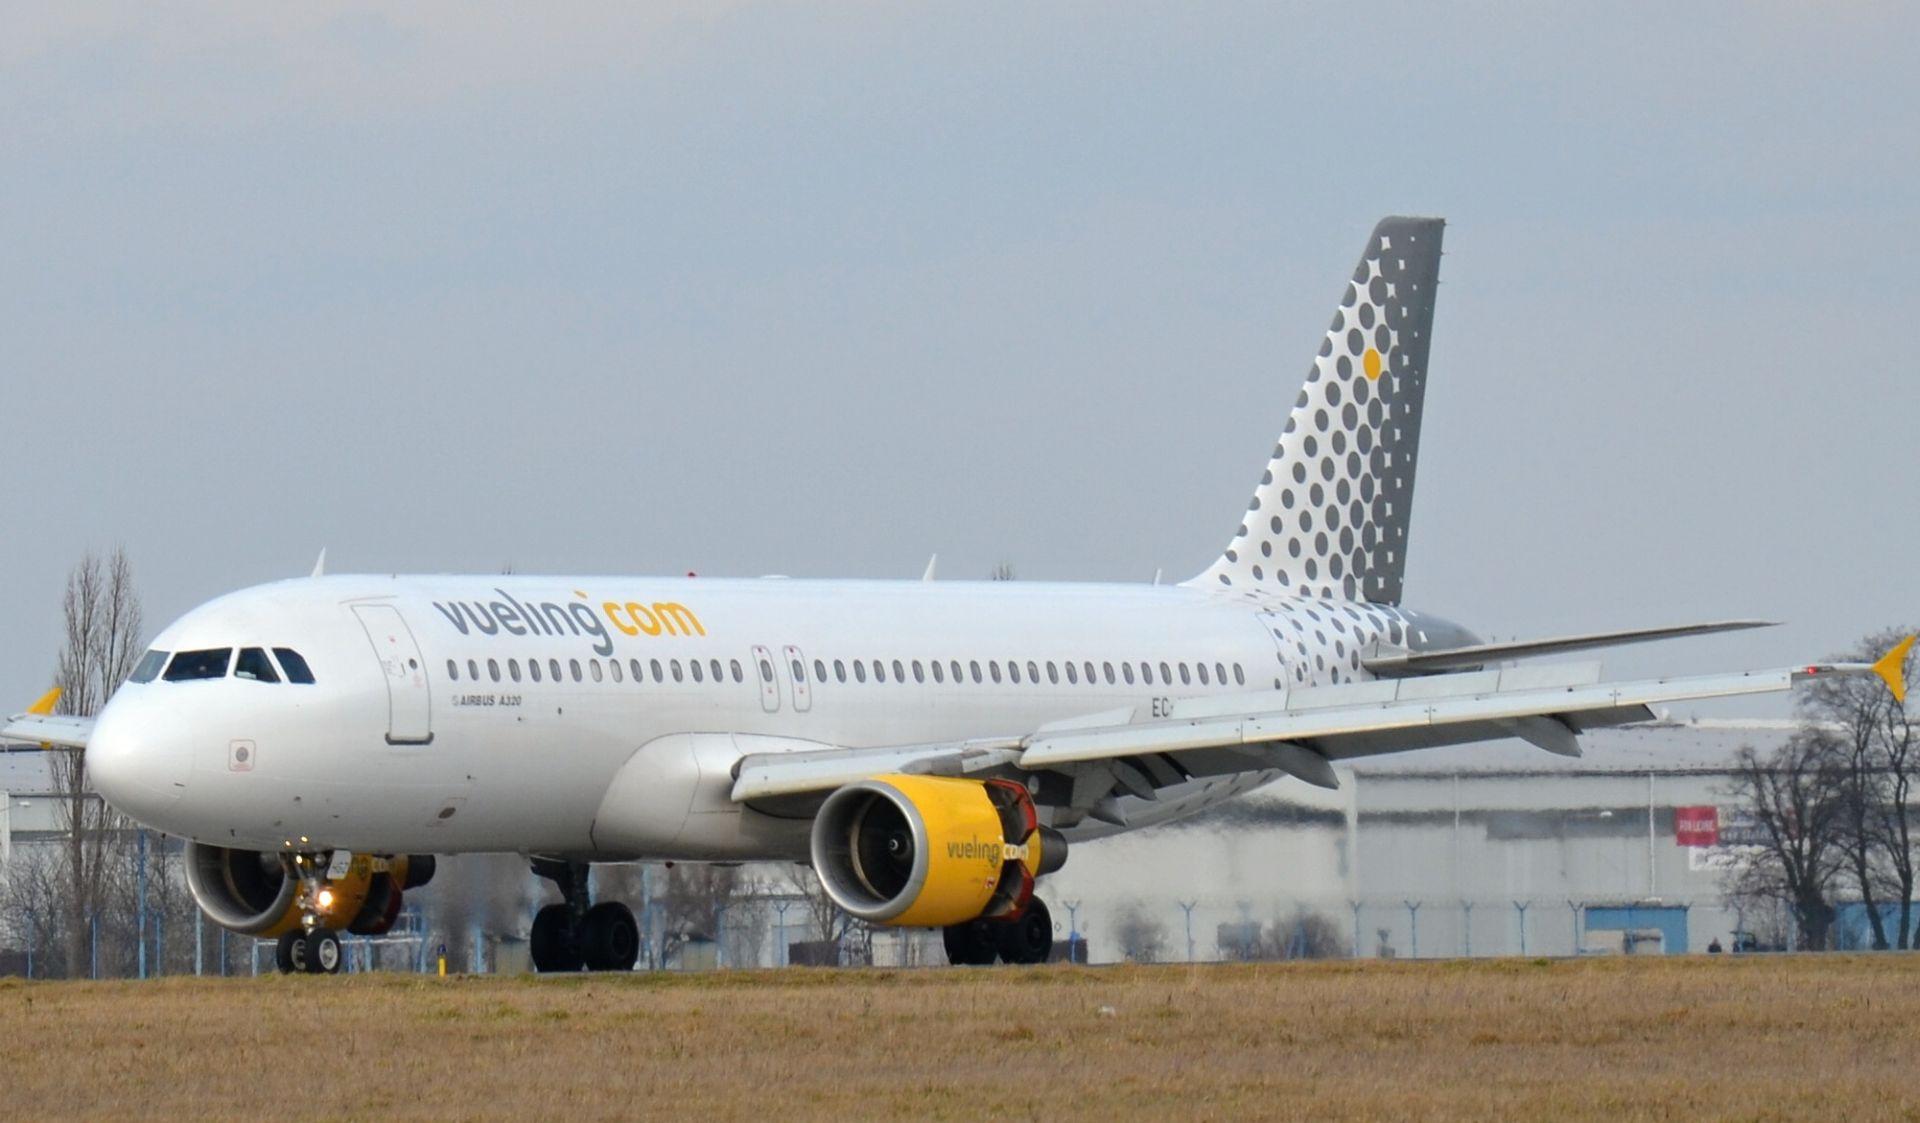 Letadlo společnosti Vueling v Praze. Pramen: Letiště Praha